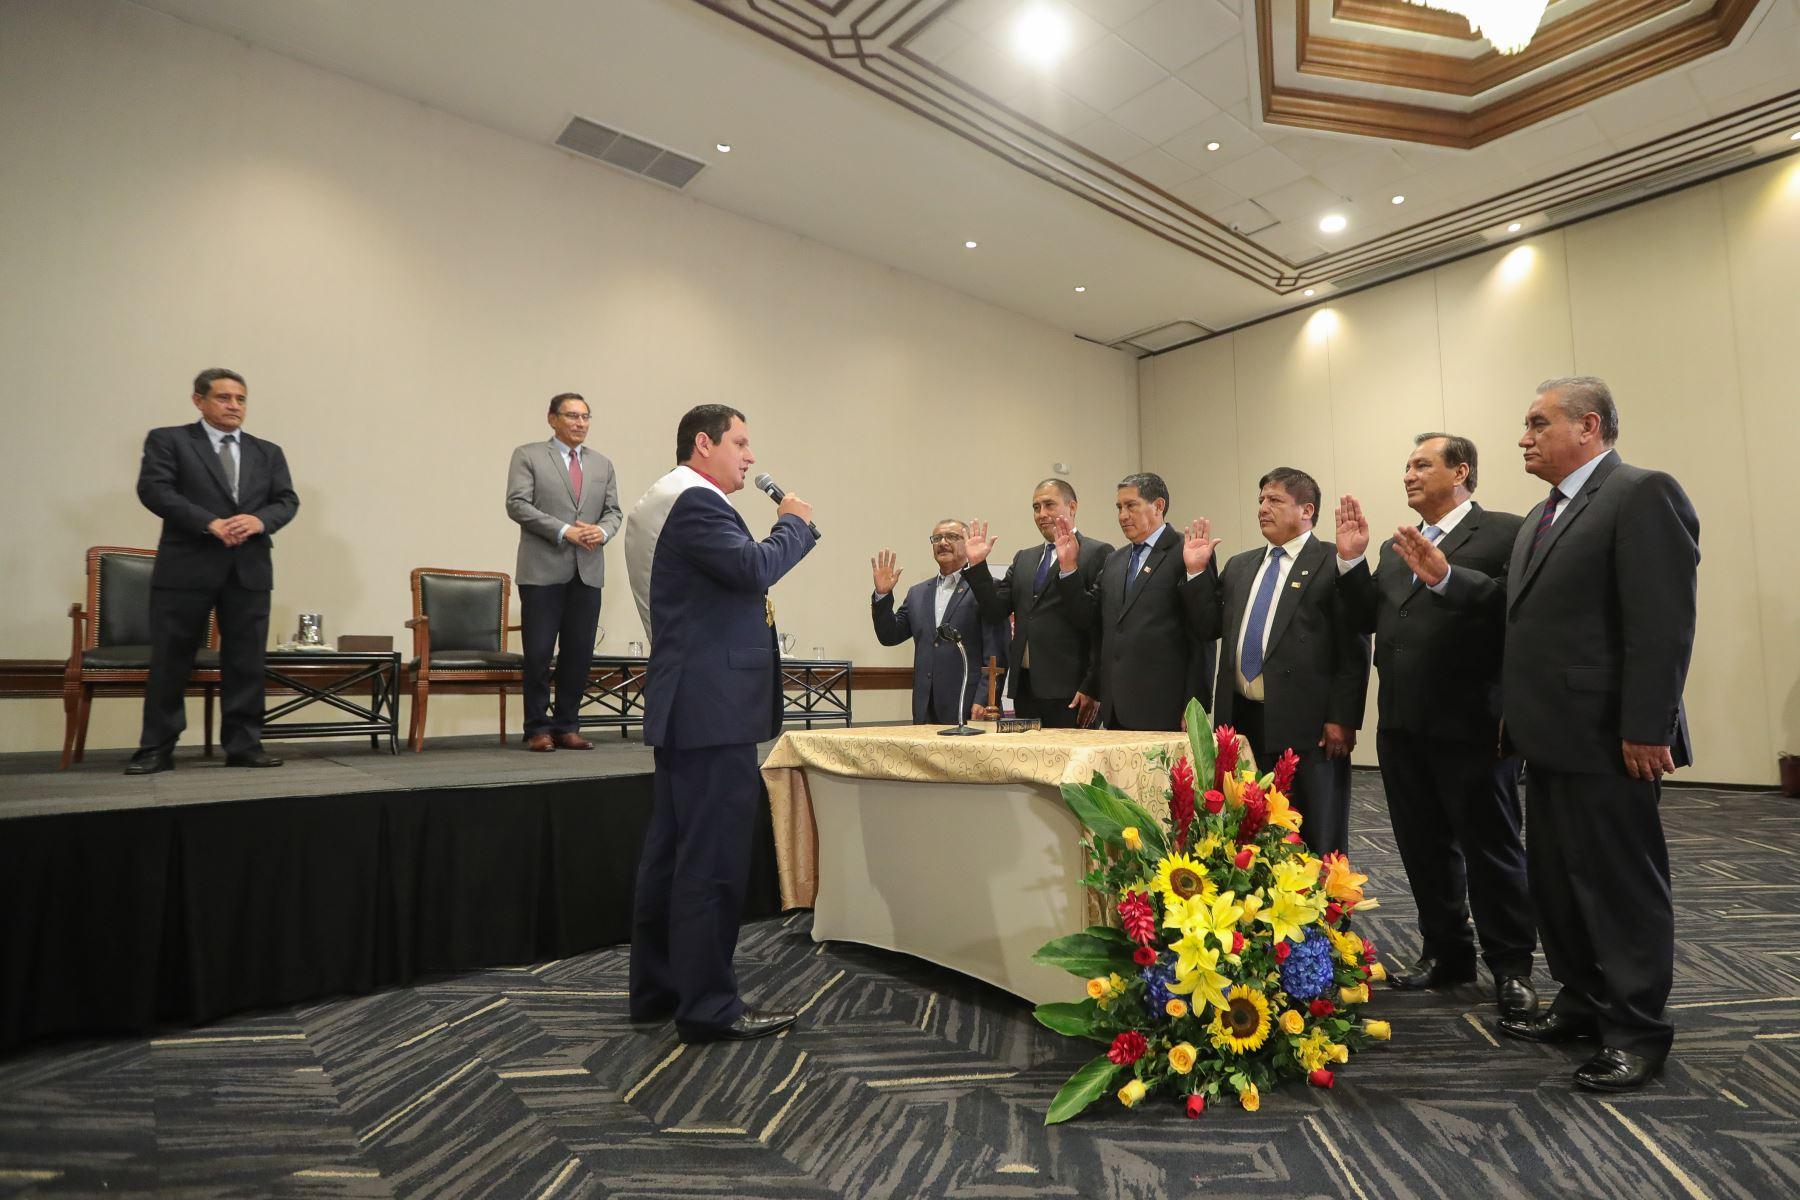 El mandatario Martín Vizcarra, participa en la juramentación del Presidente y del nuevo Consejo Directivo de la Asamblea Nacional de Gobiernos Regionales- ANGR 2020. Foto: ANDINA/Prensa Presidencia